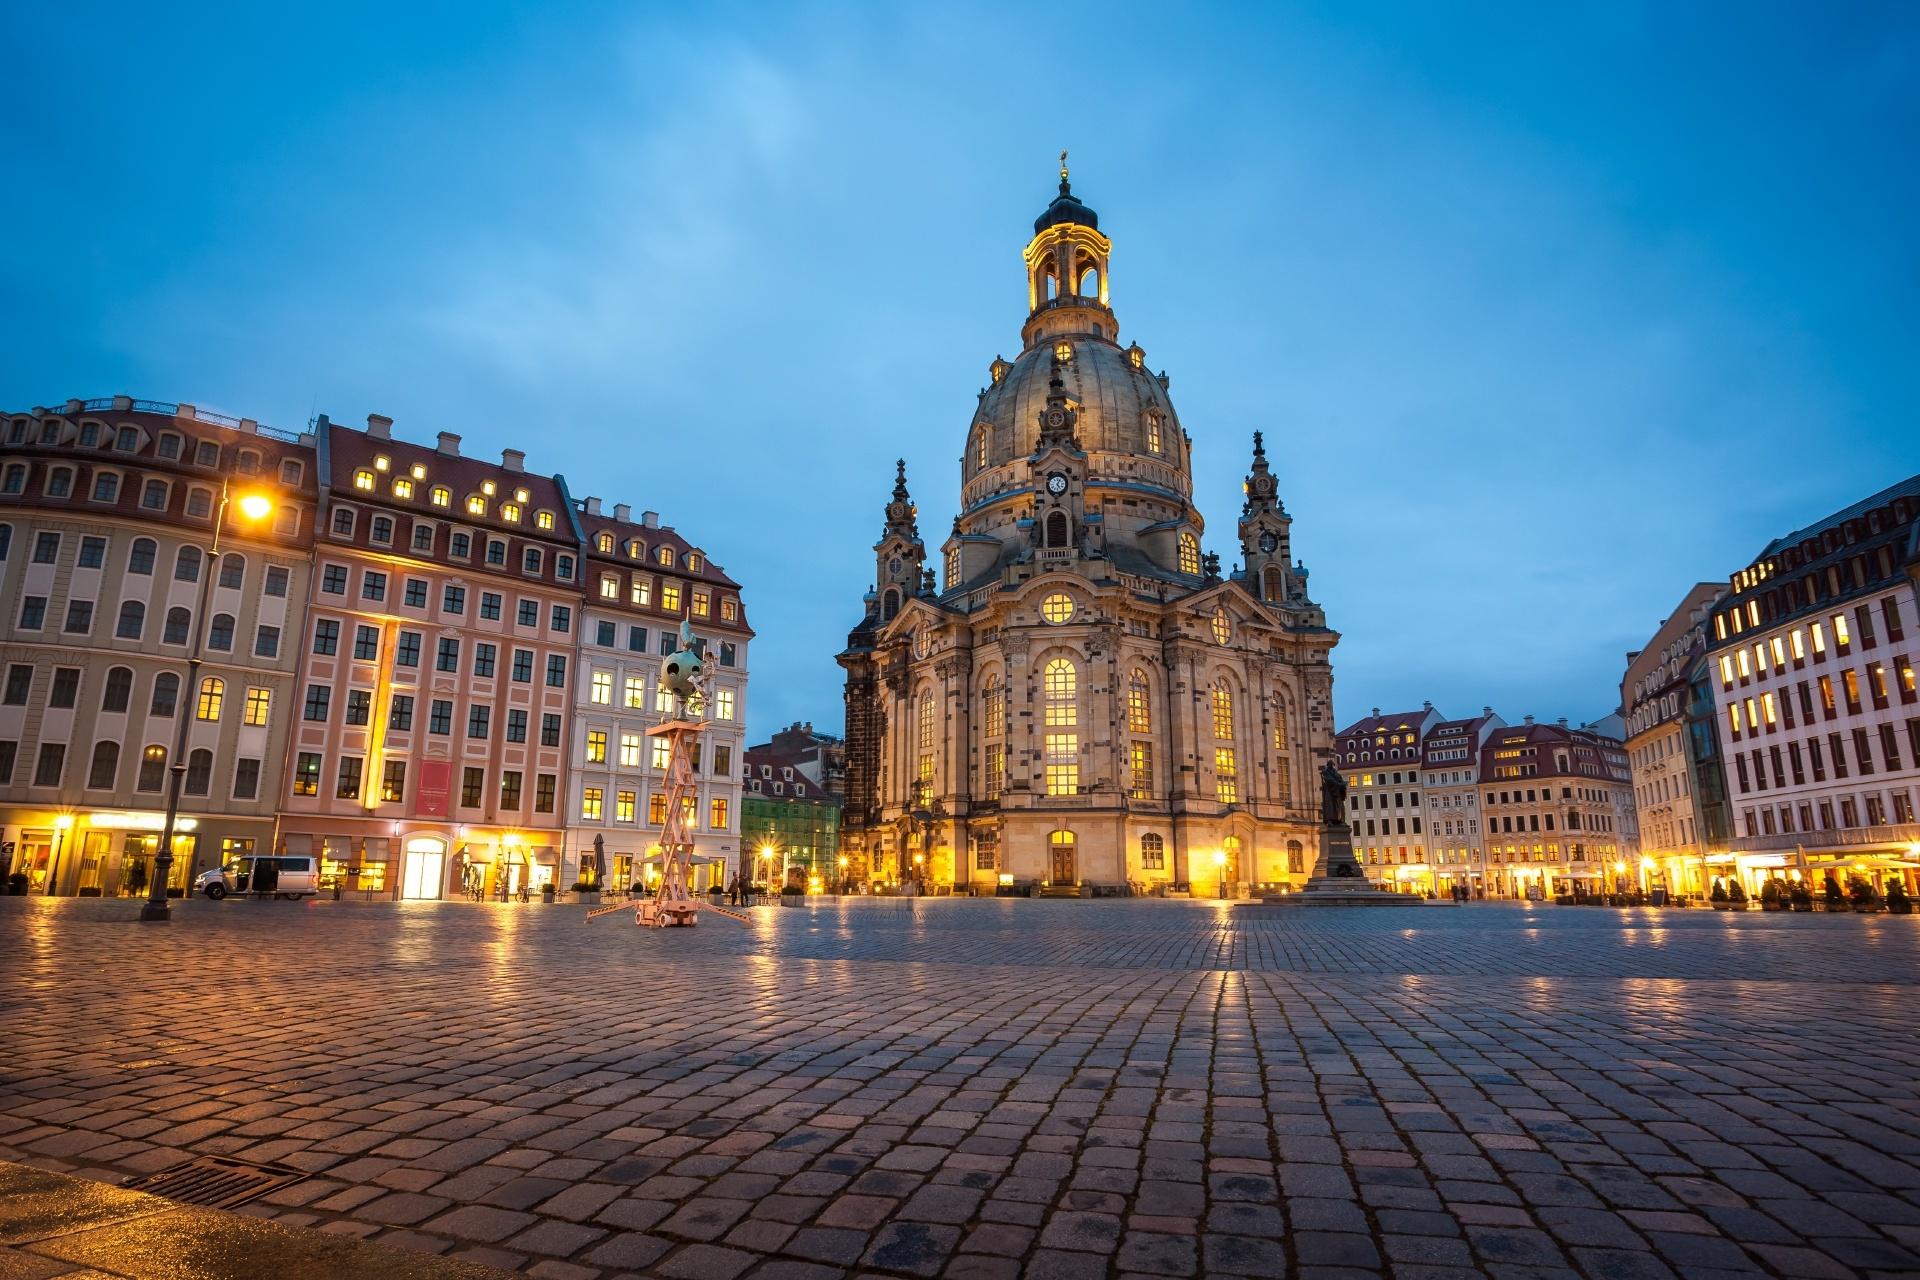 ノイマルクト広場と聖母教会  ドレスデンの夜の風景 ドイツの風景